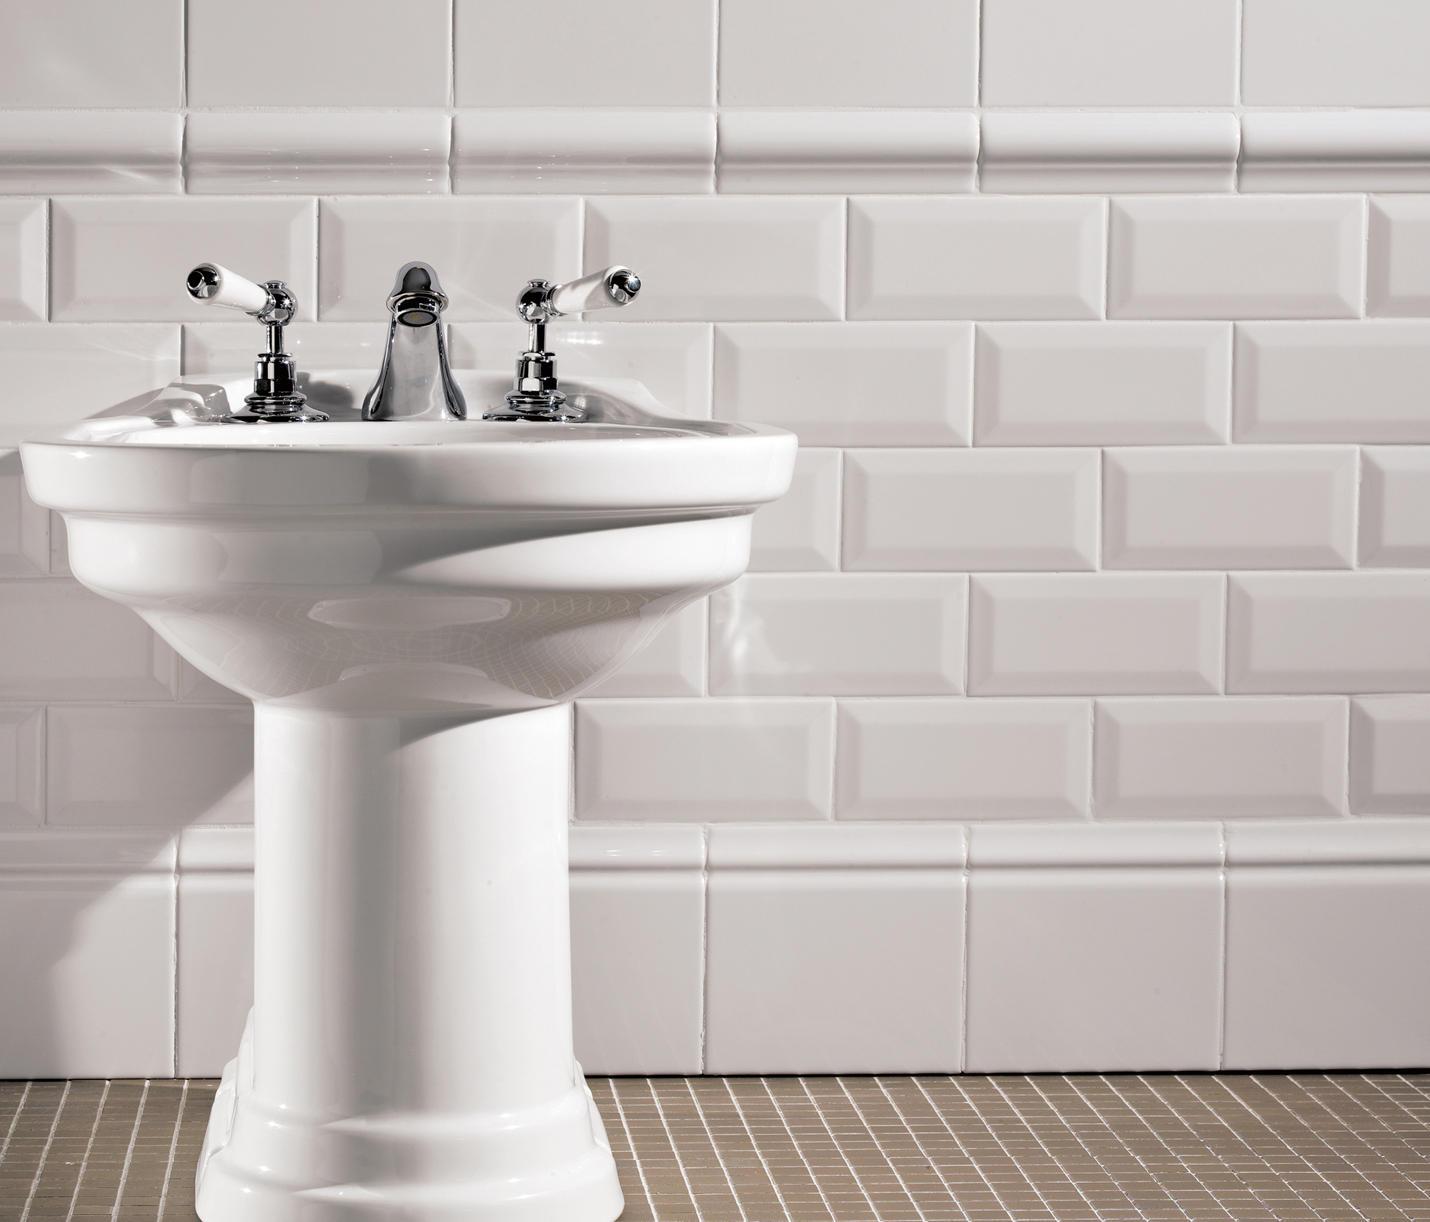 Simply piastrelle devon devon architonic - Produttori ceramiche bagno ...